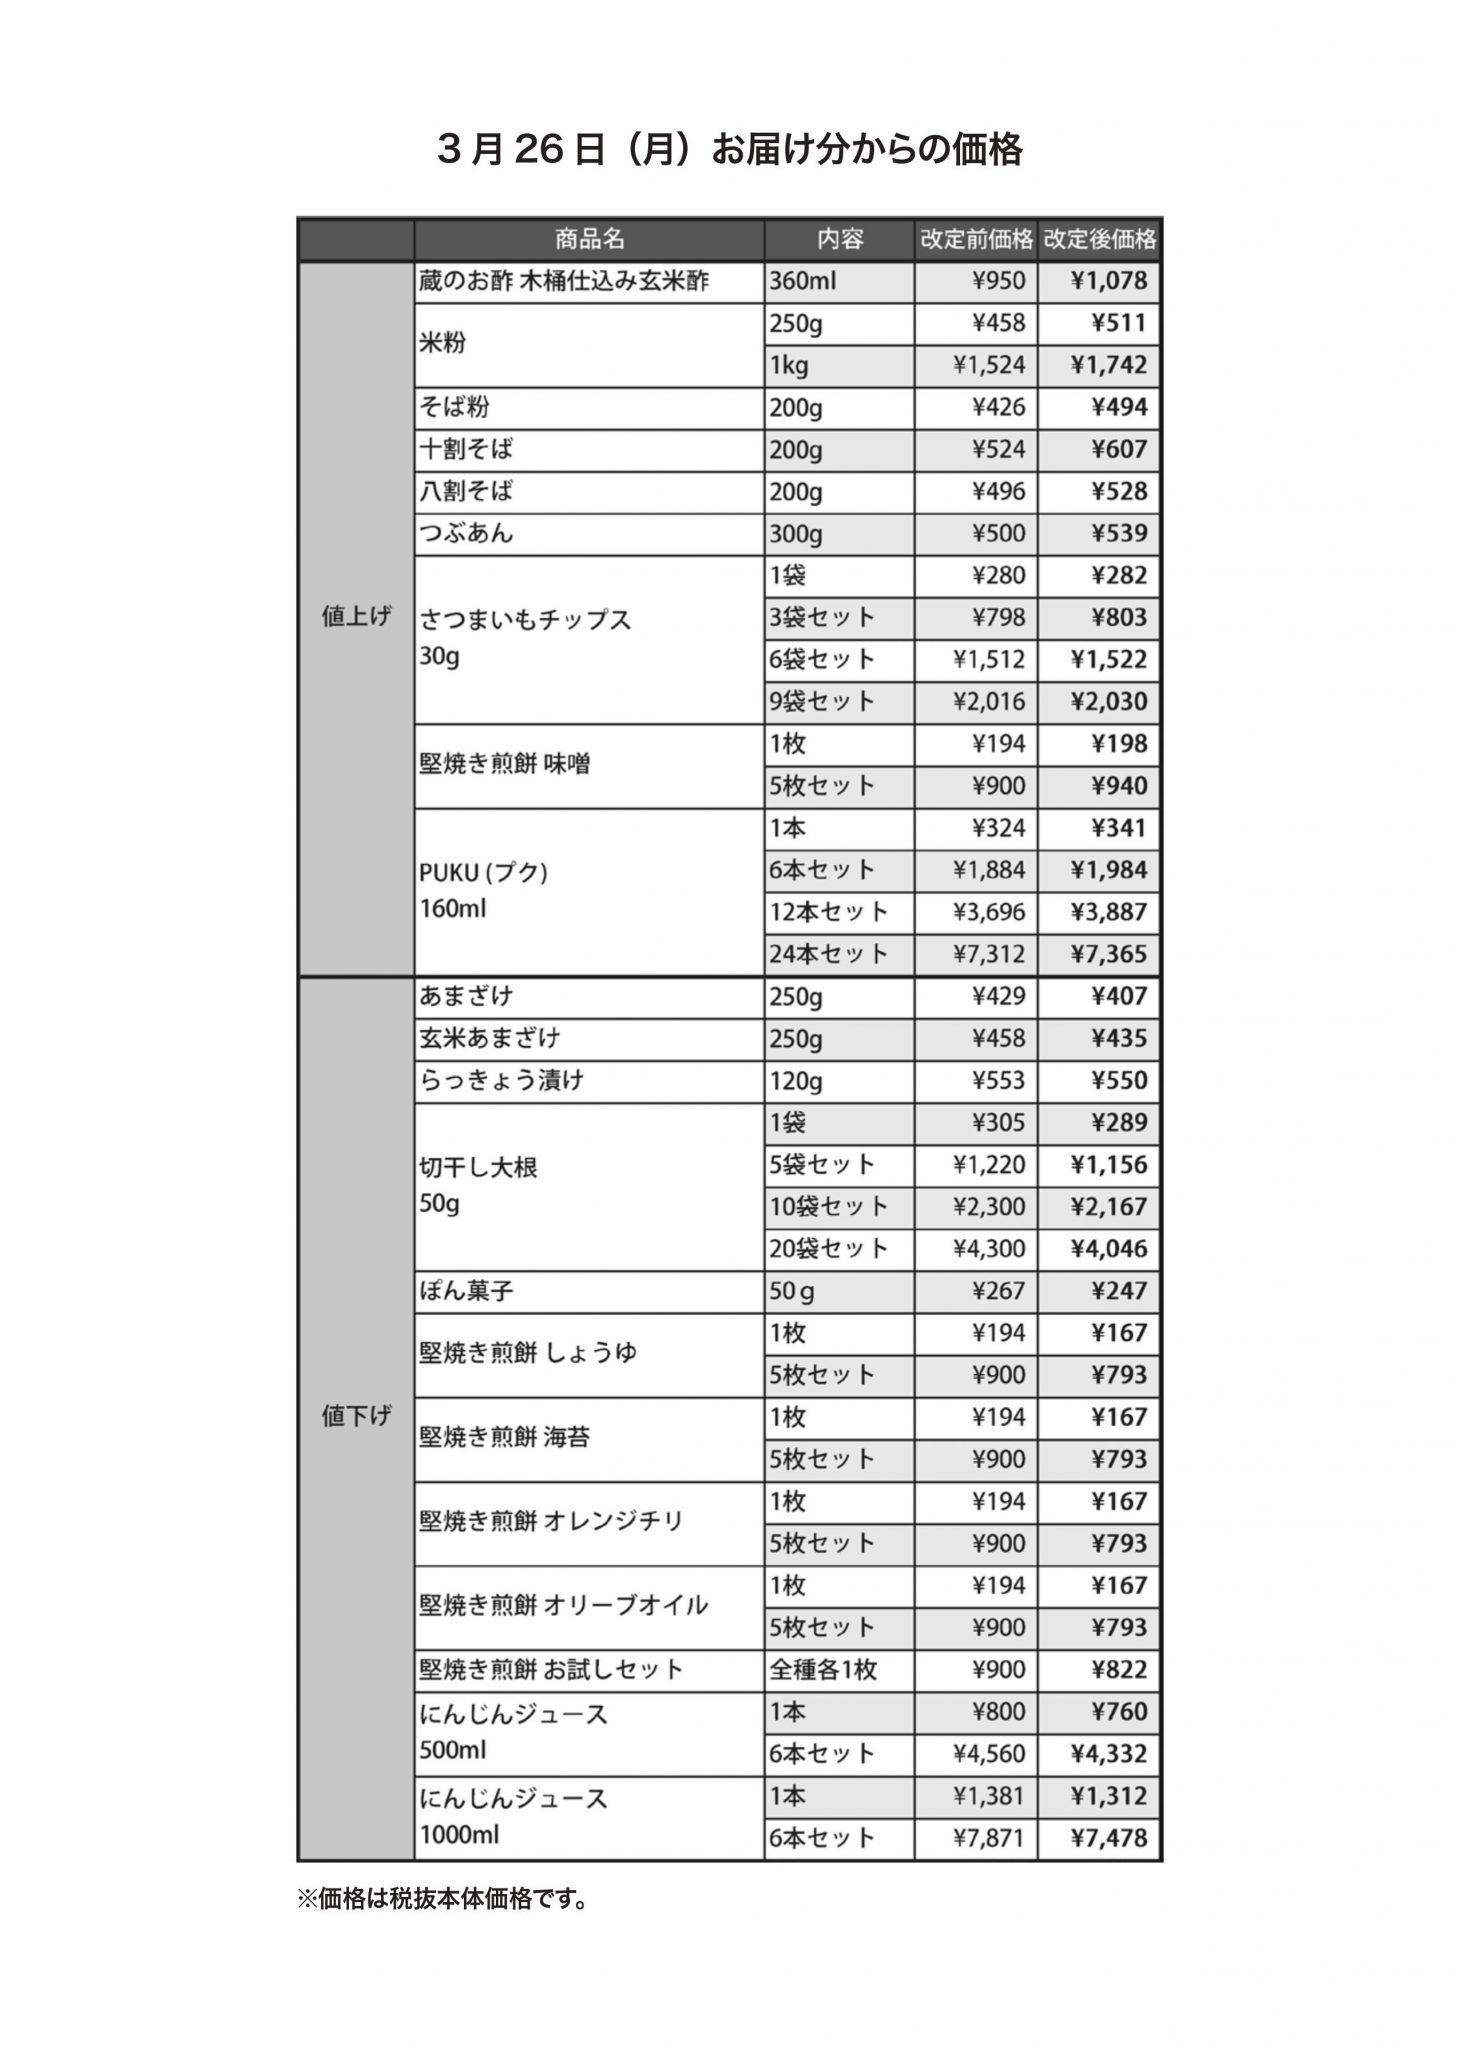 【お知らせ】オリジナル商品価格改定のお知らせ